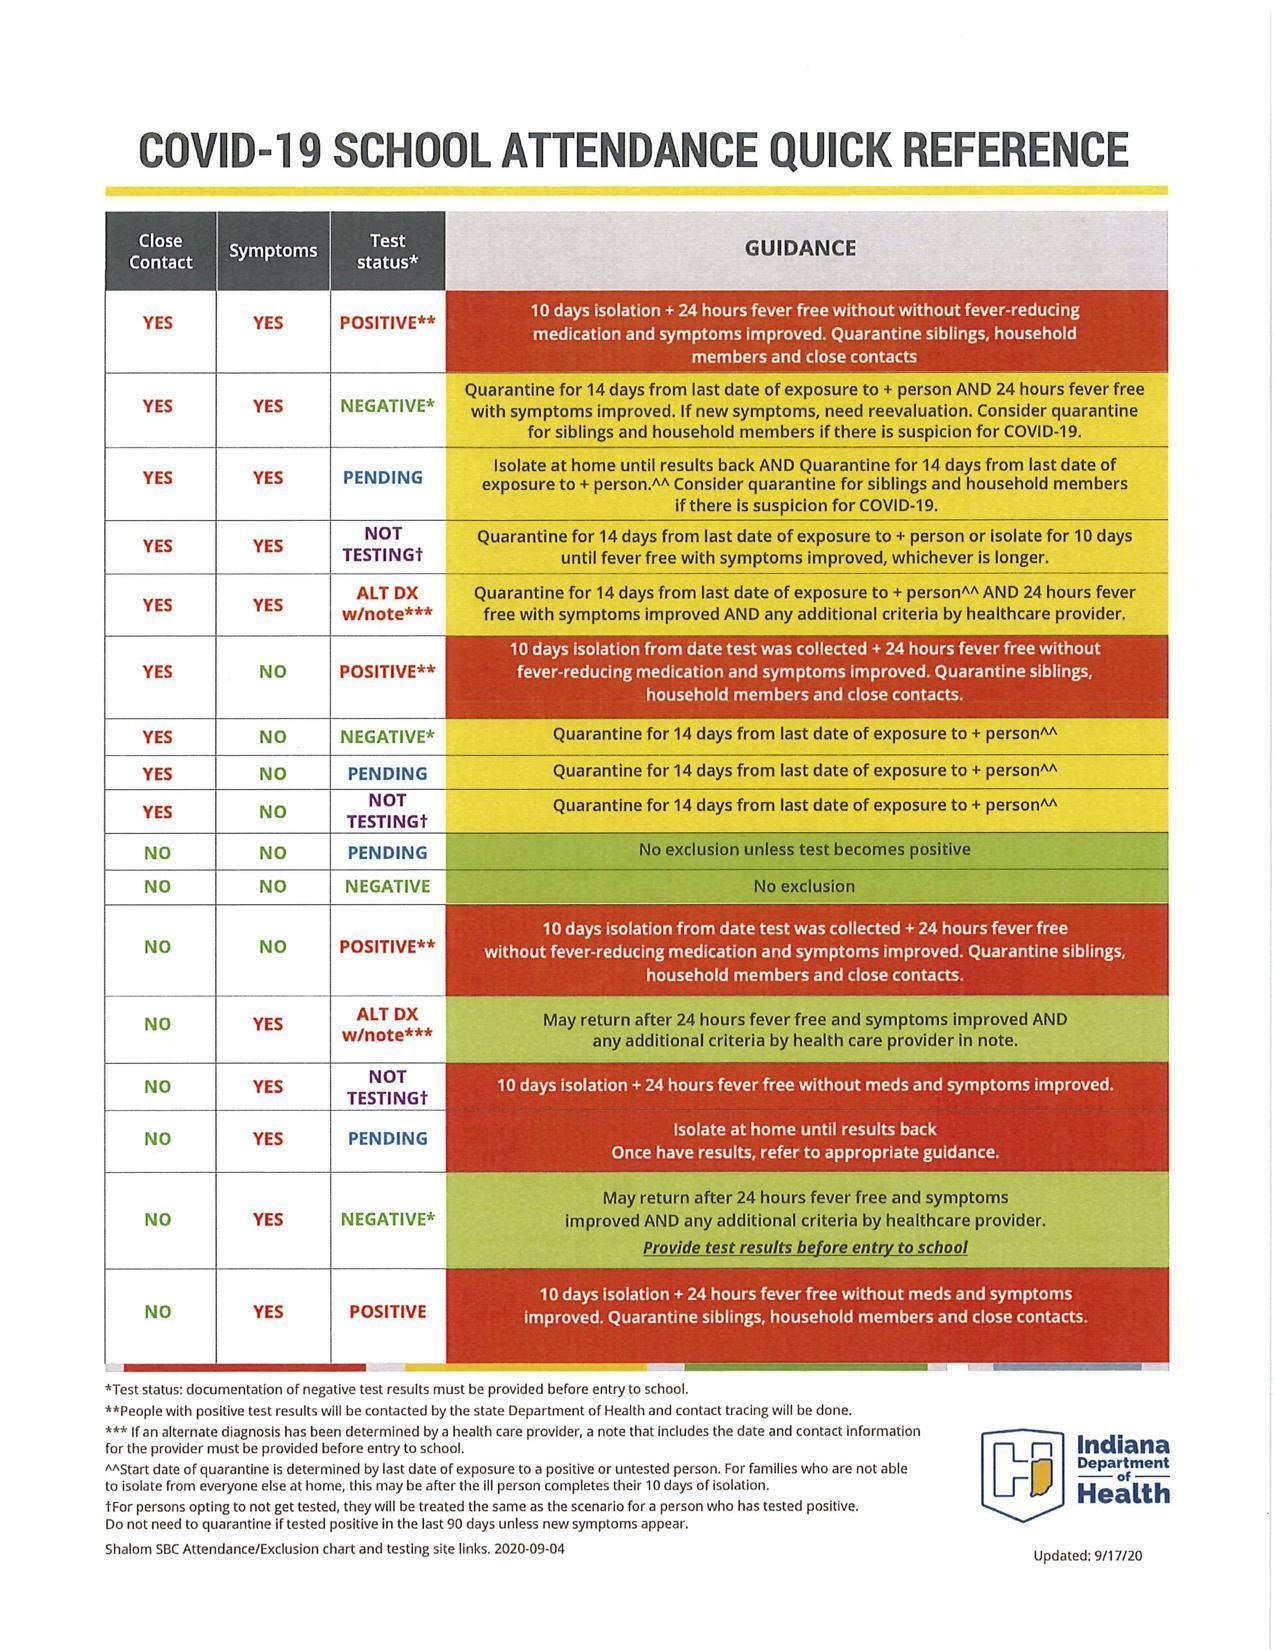 School Attendance Guide